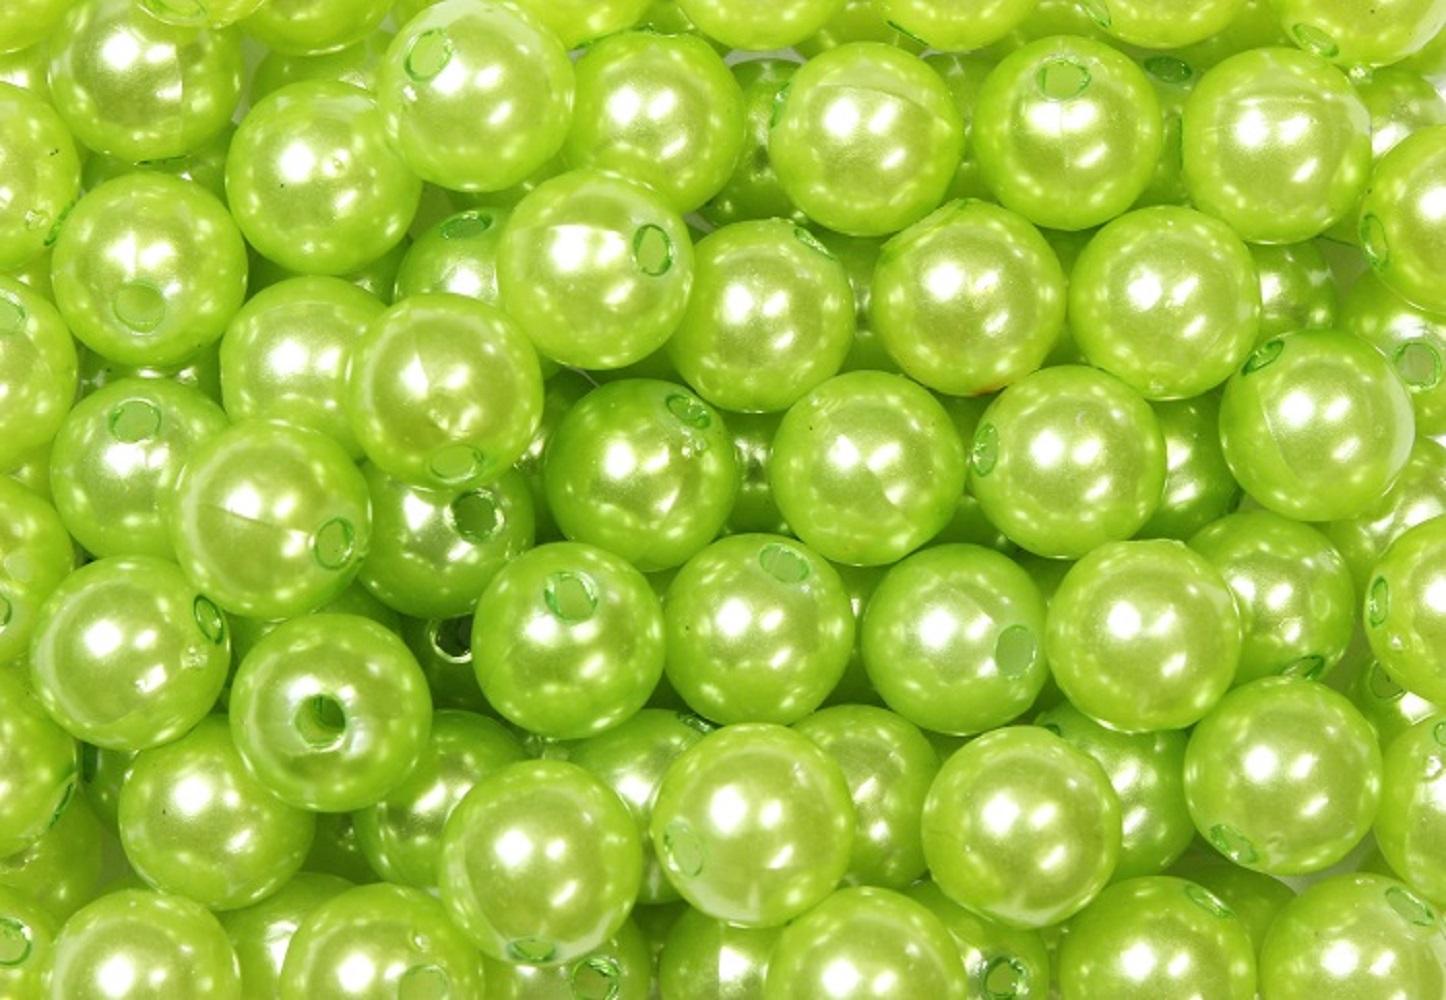 deko perlen apfelgr n in zwei gr en g nstig kaufen